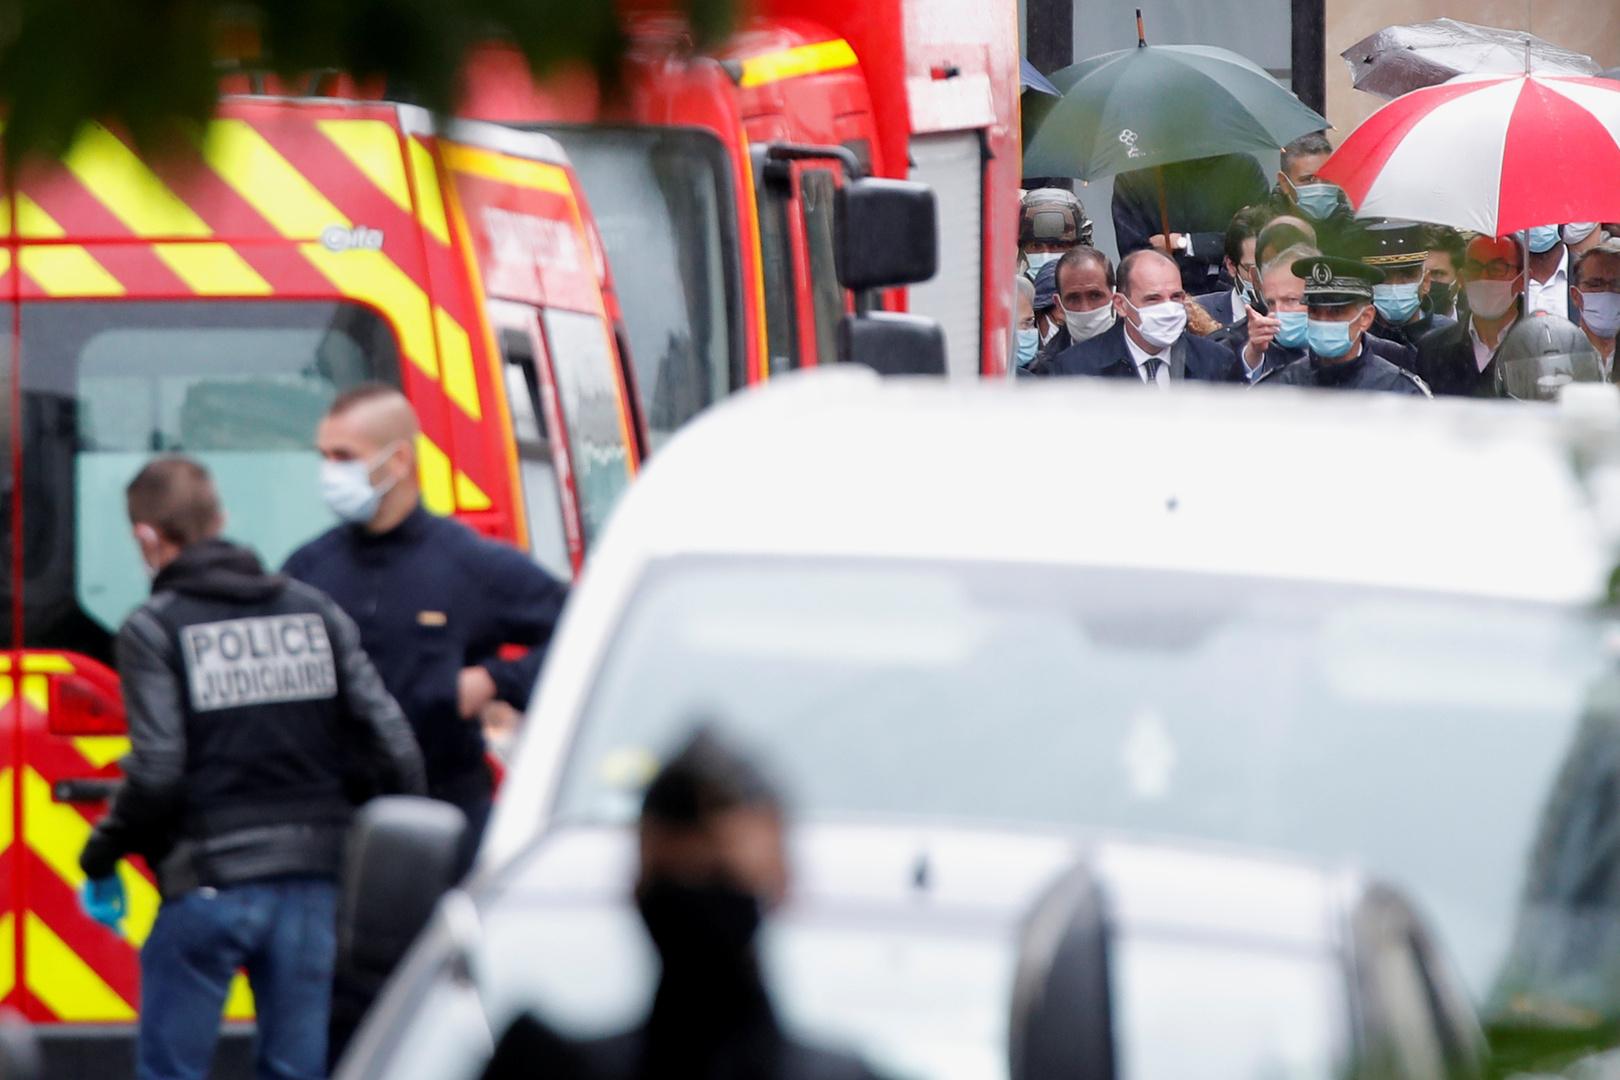 رئيس الوزراء الفرنسي جان كاستكس يصل موقع الهجوم قرب المقر السابق لمجلة